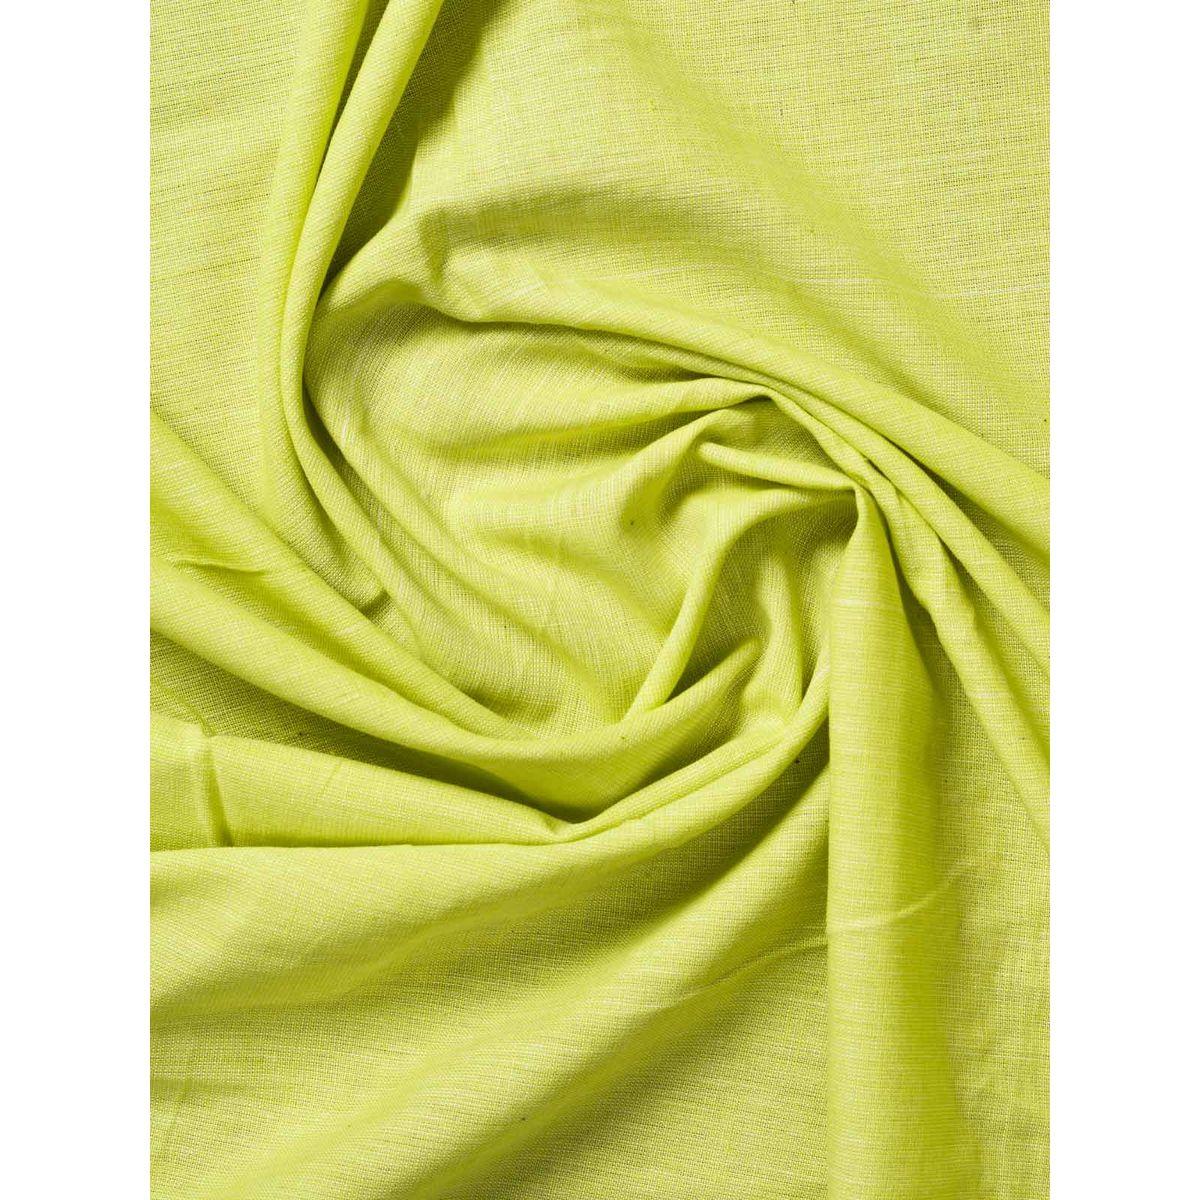 Cotton cloth online